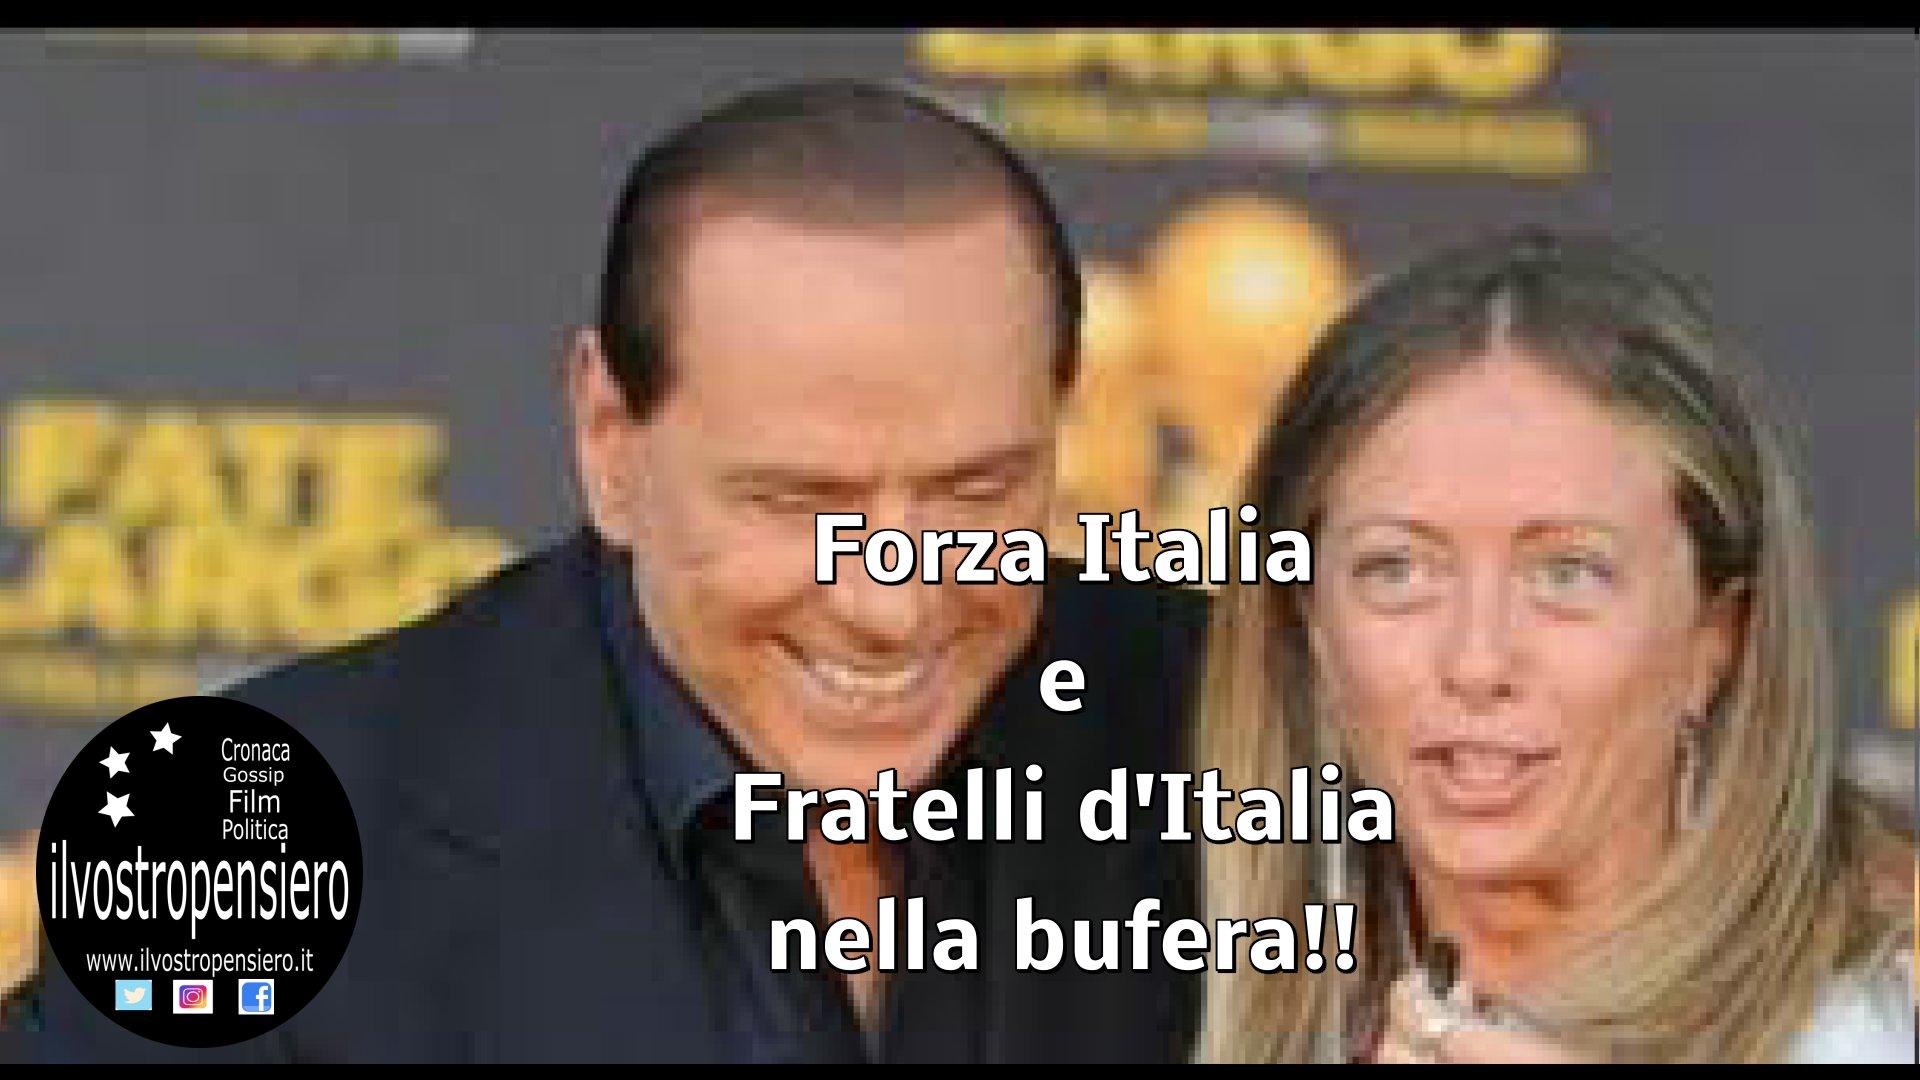 Esponente di Forza Italia non si presenta in puntata perche' viene arrestato (guarda il video)